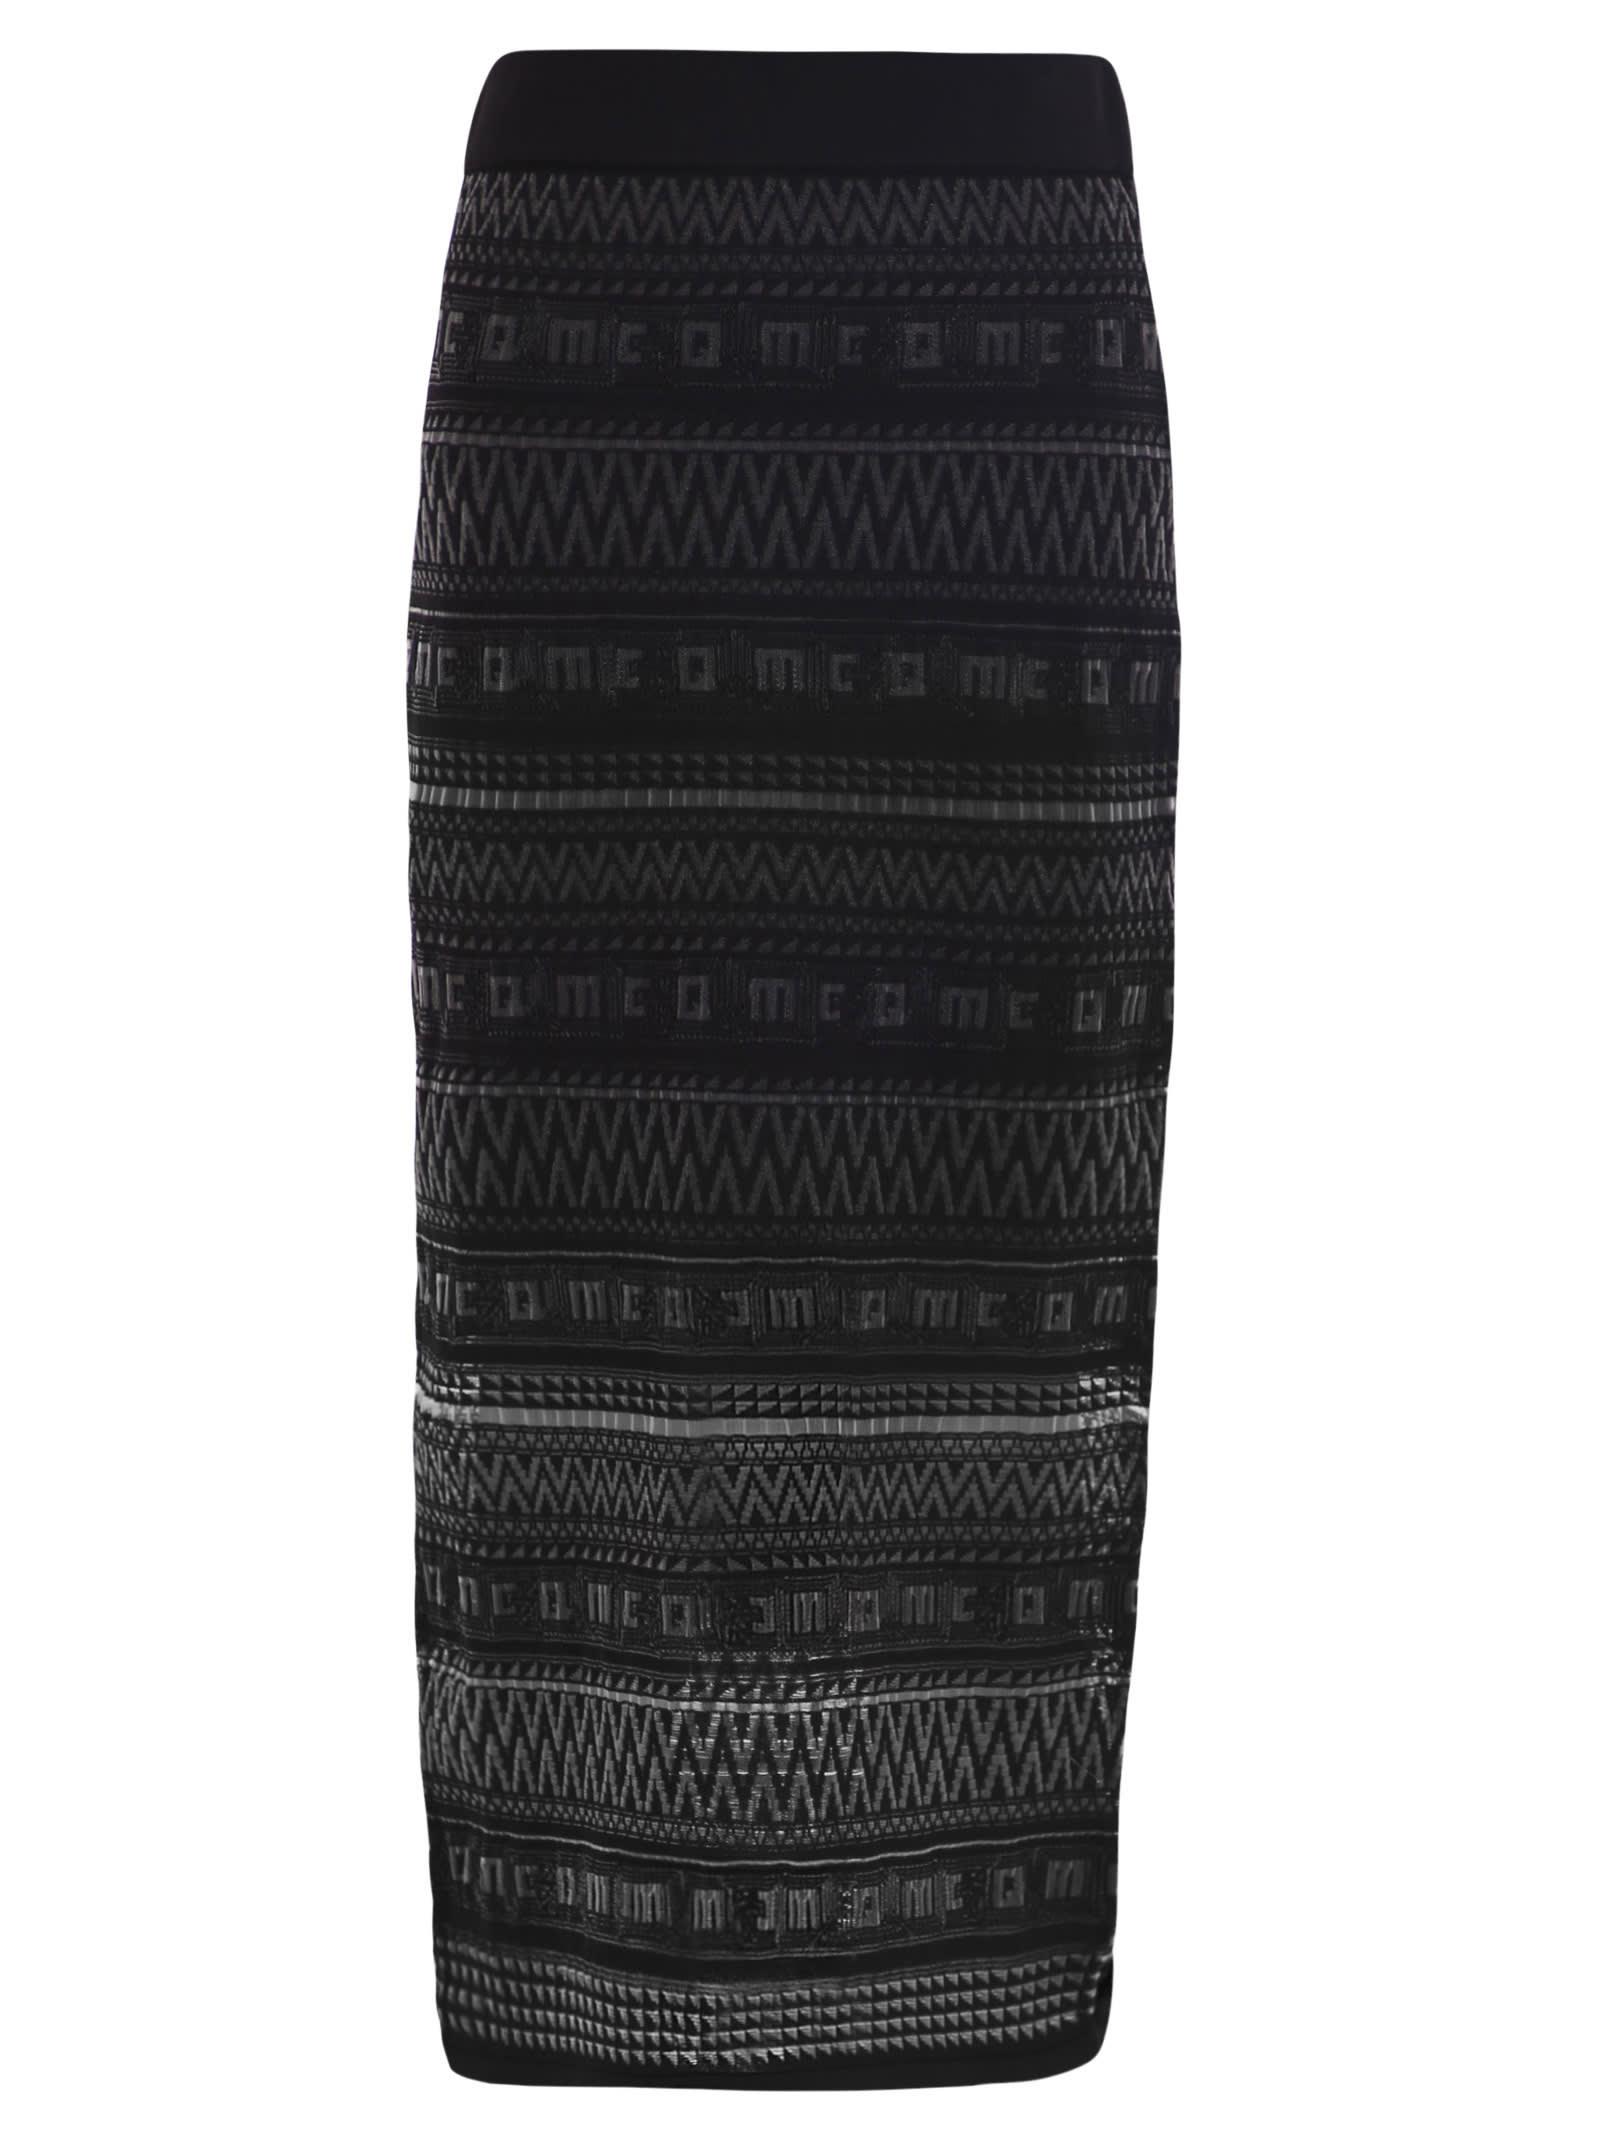 McQ Alexander McQueen Viscose Blend Dress